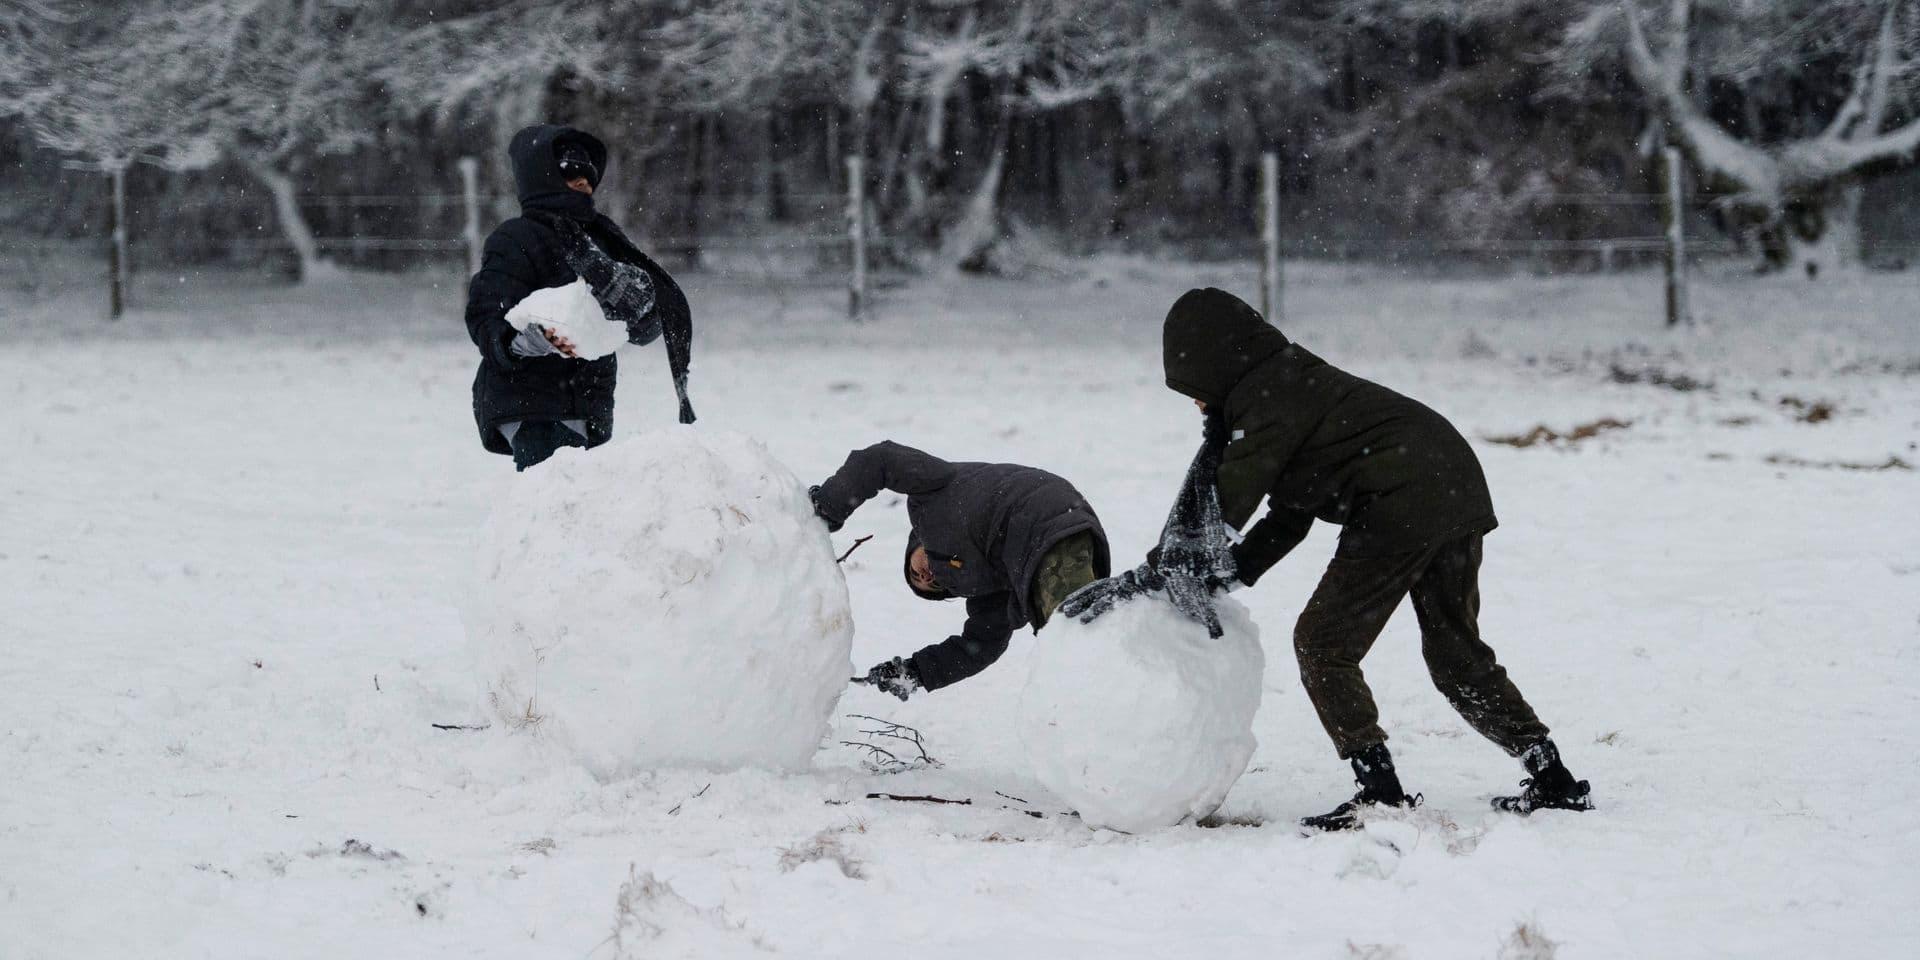 Météo: de la neige attendue ce mardi, l'année 2021 devrait également débuter avec un beau manteau blanc